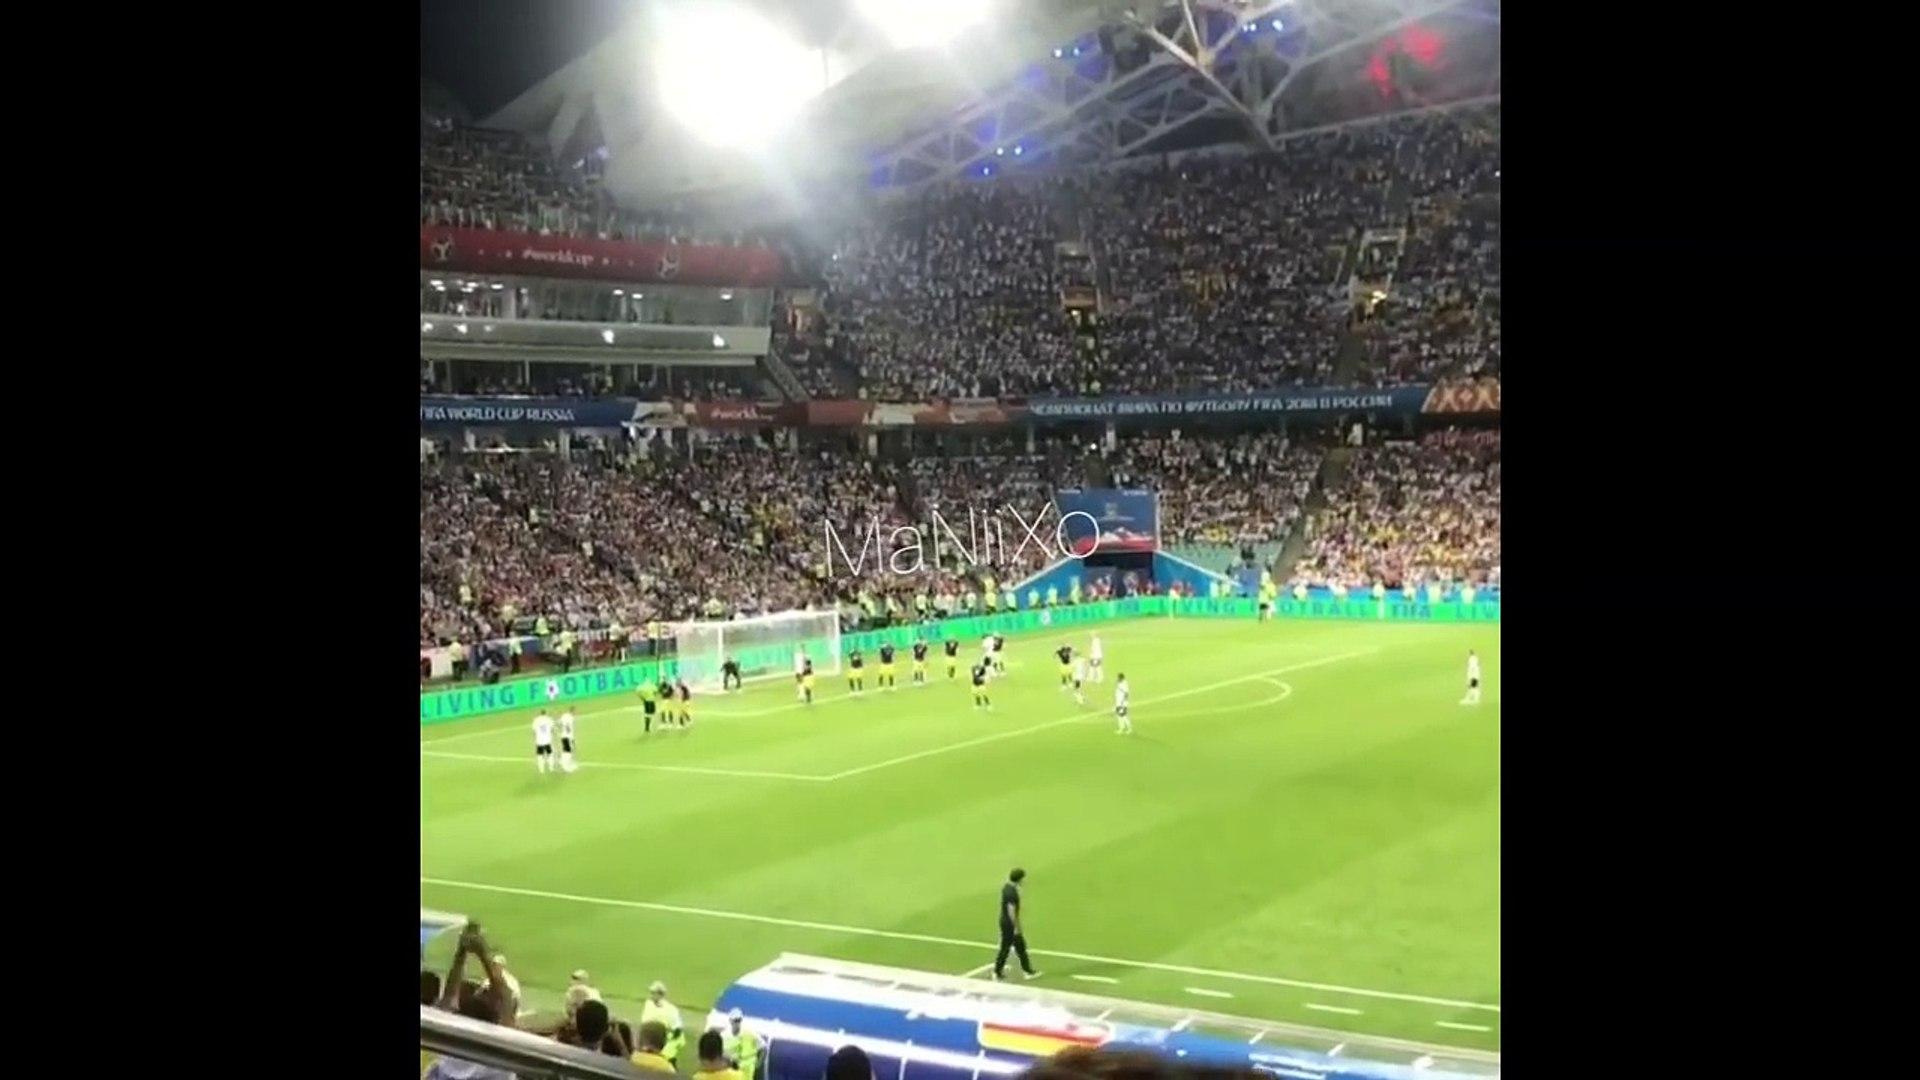 Germany v Sweden | Kroos Goal (LIVE REACTION) Deutschland v Schweden | Tyskland v Sverige Kroos Tor